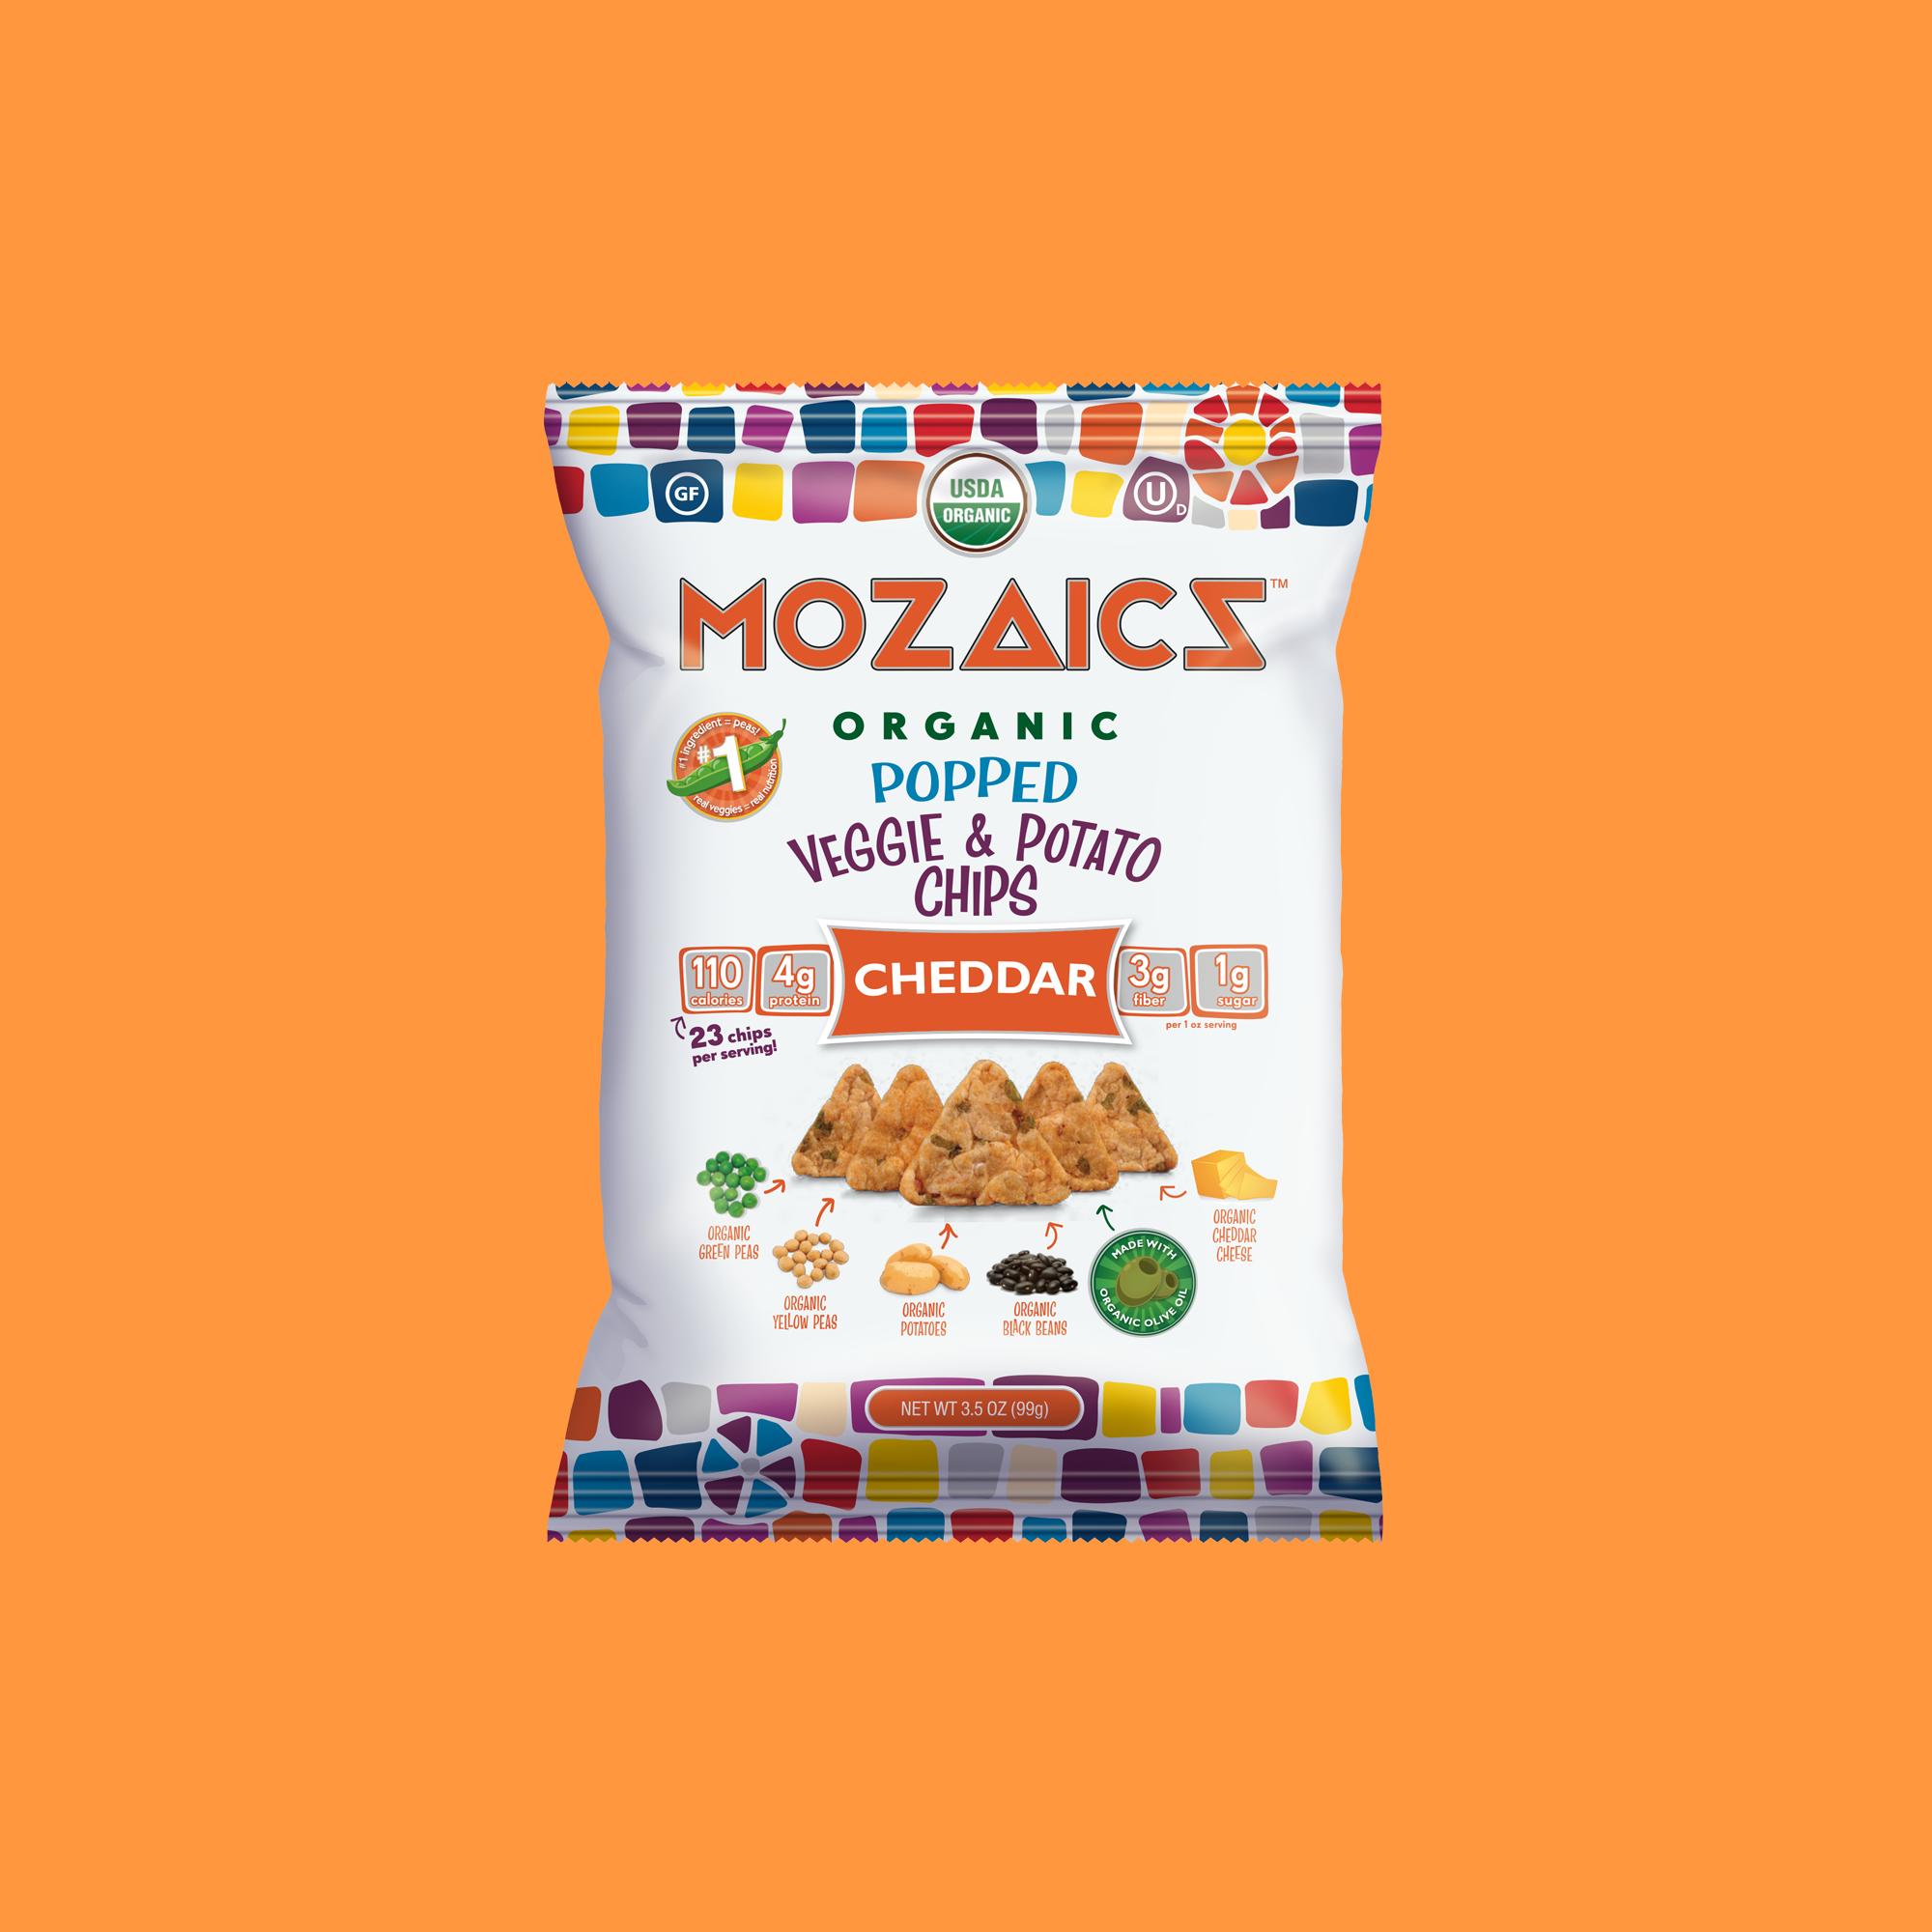 mozaic-cheddar-35oz-orange.png